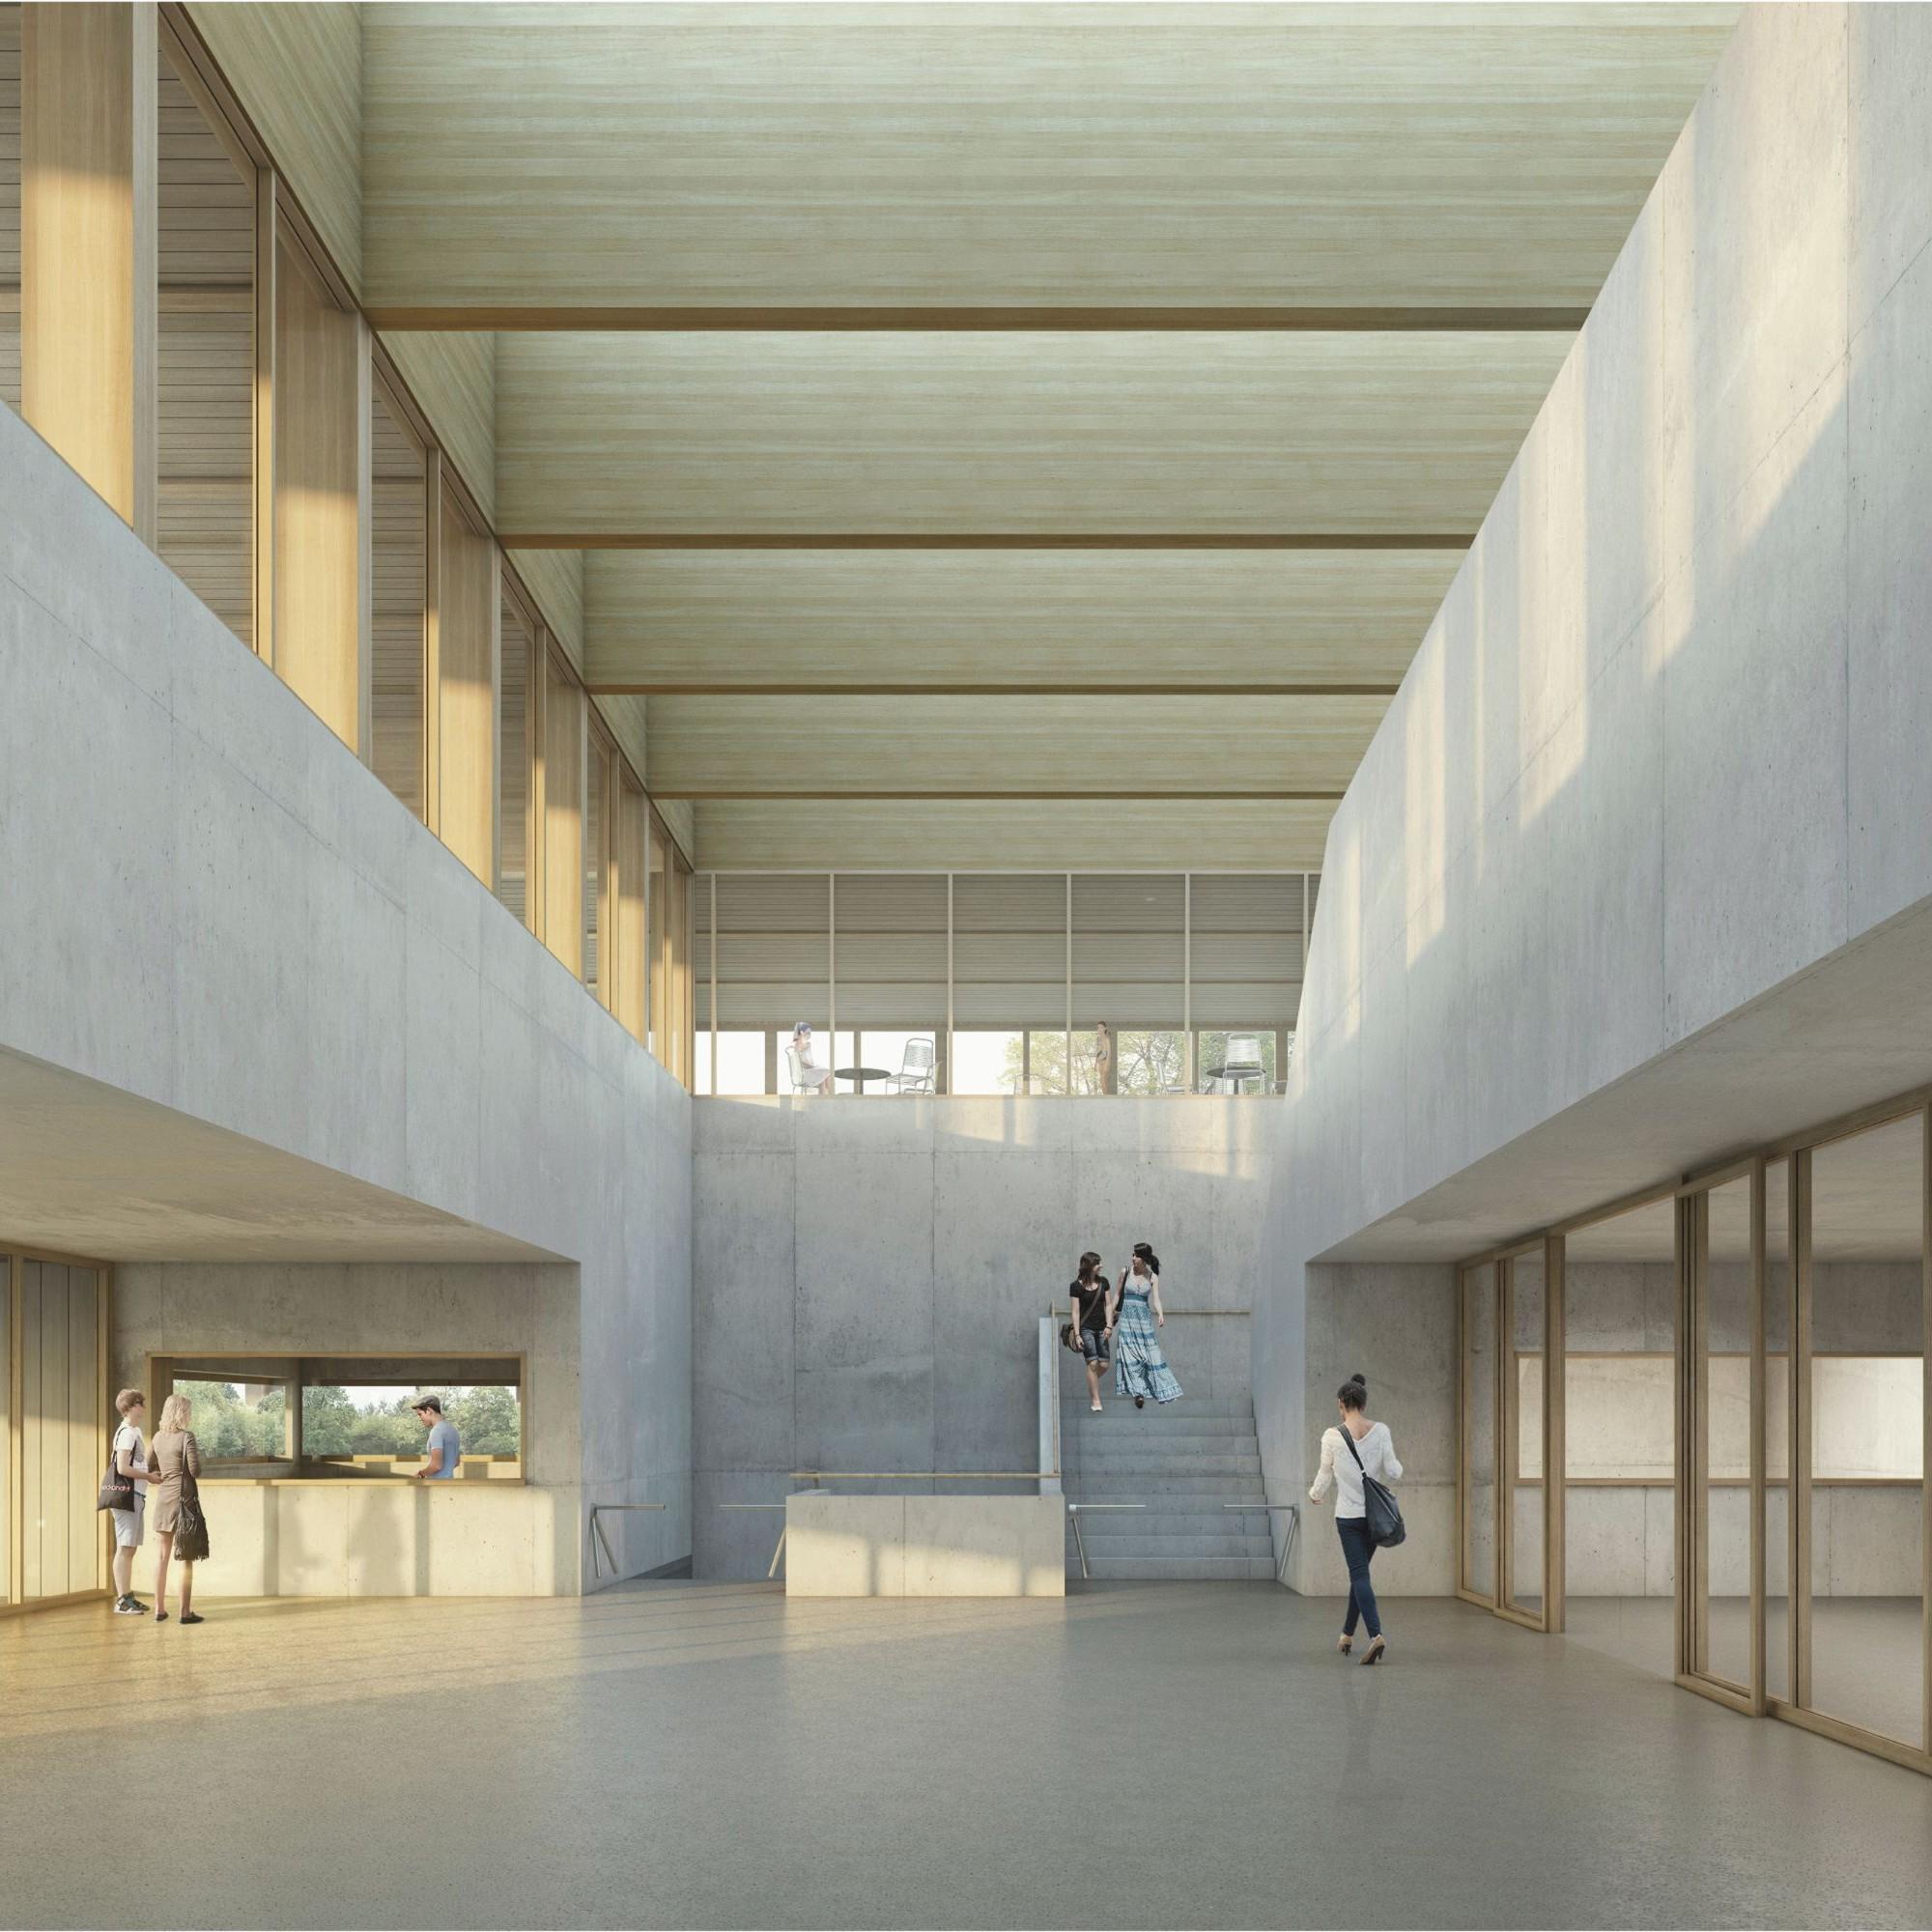 Visualisierung Neubaus Hallenbad Eisbahn Weyerli